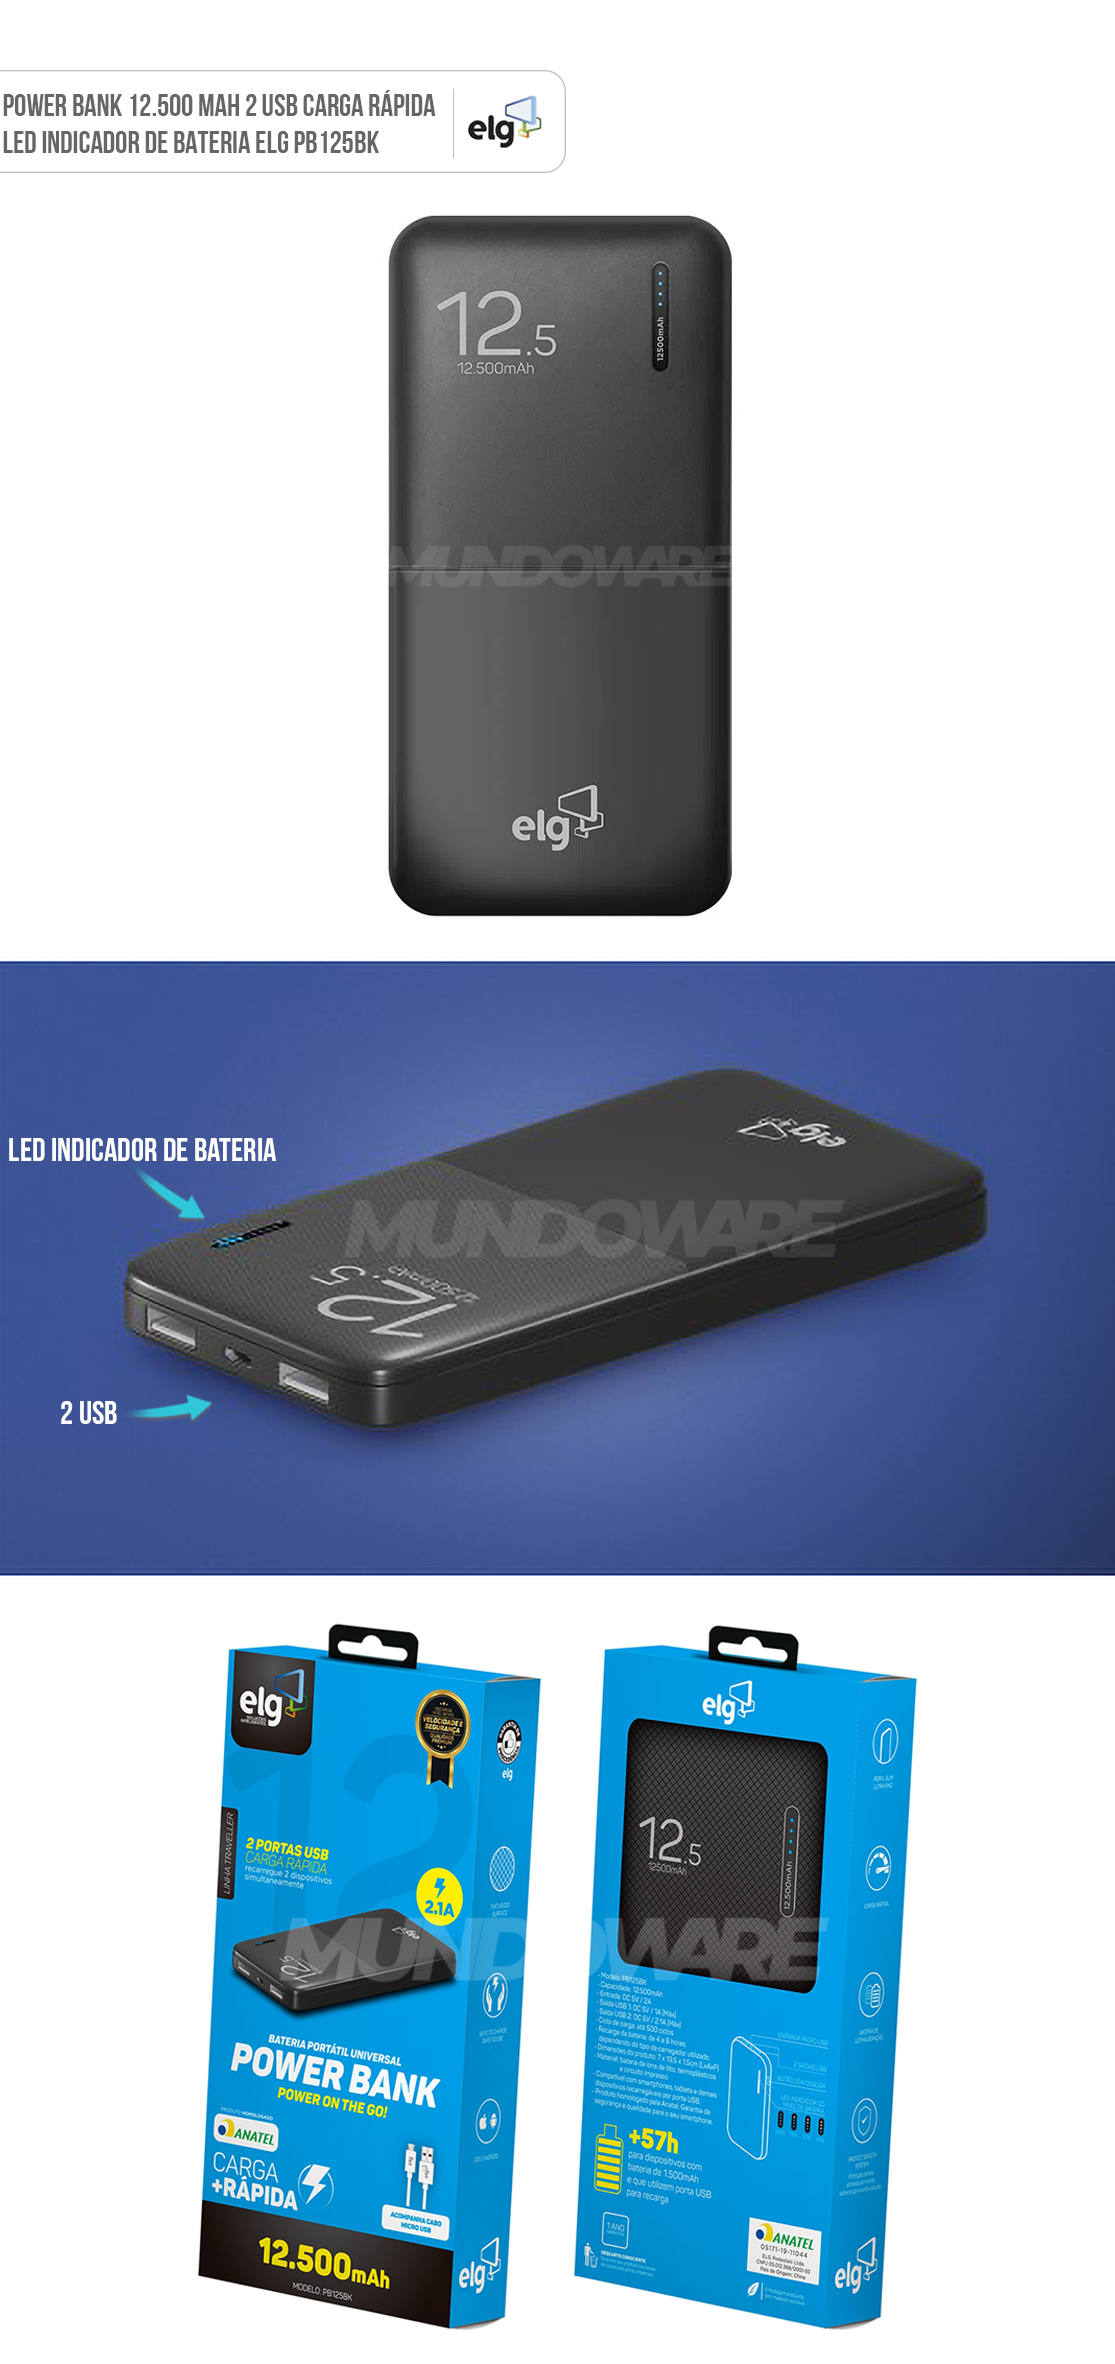 Power Bank 12.500mAh 2 USB LED indicador de Bateria Linha Traveller Homologado Anatel ELG PB125BK Preto